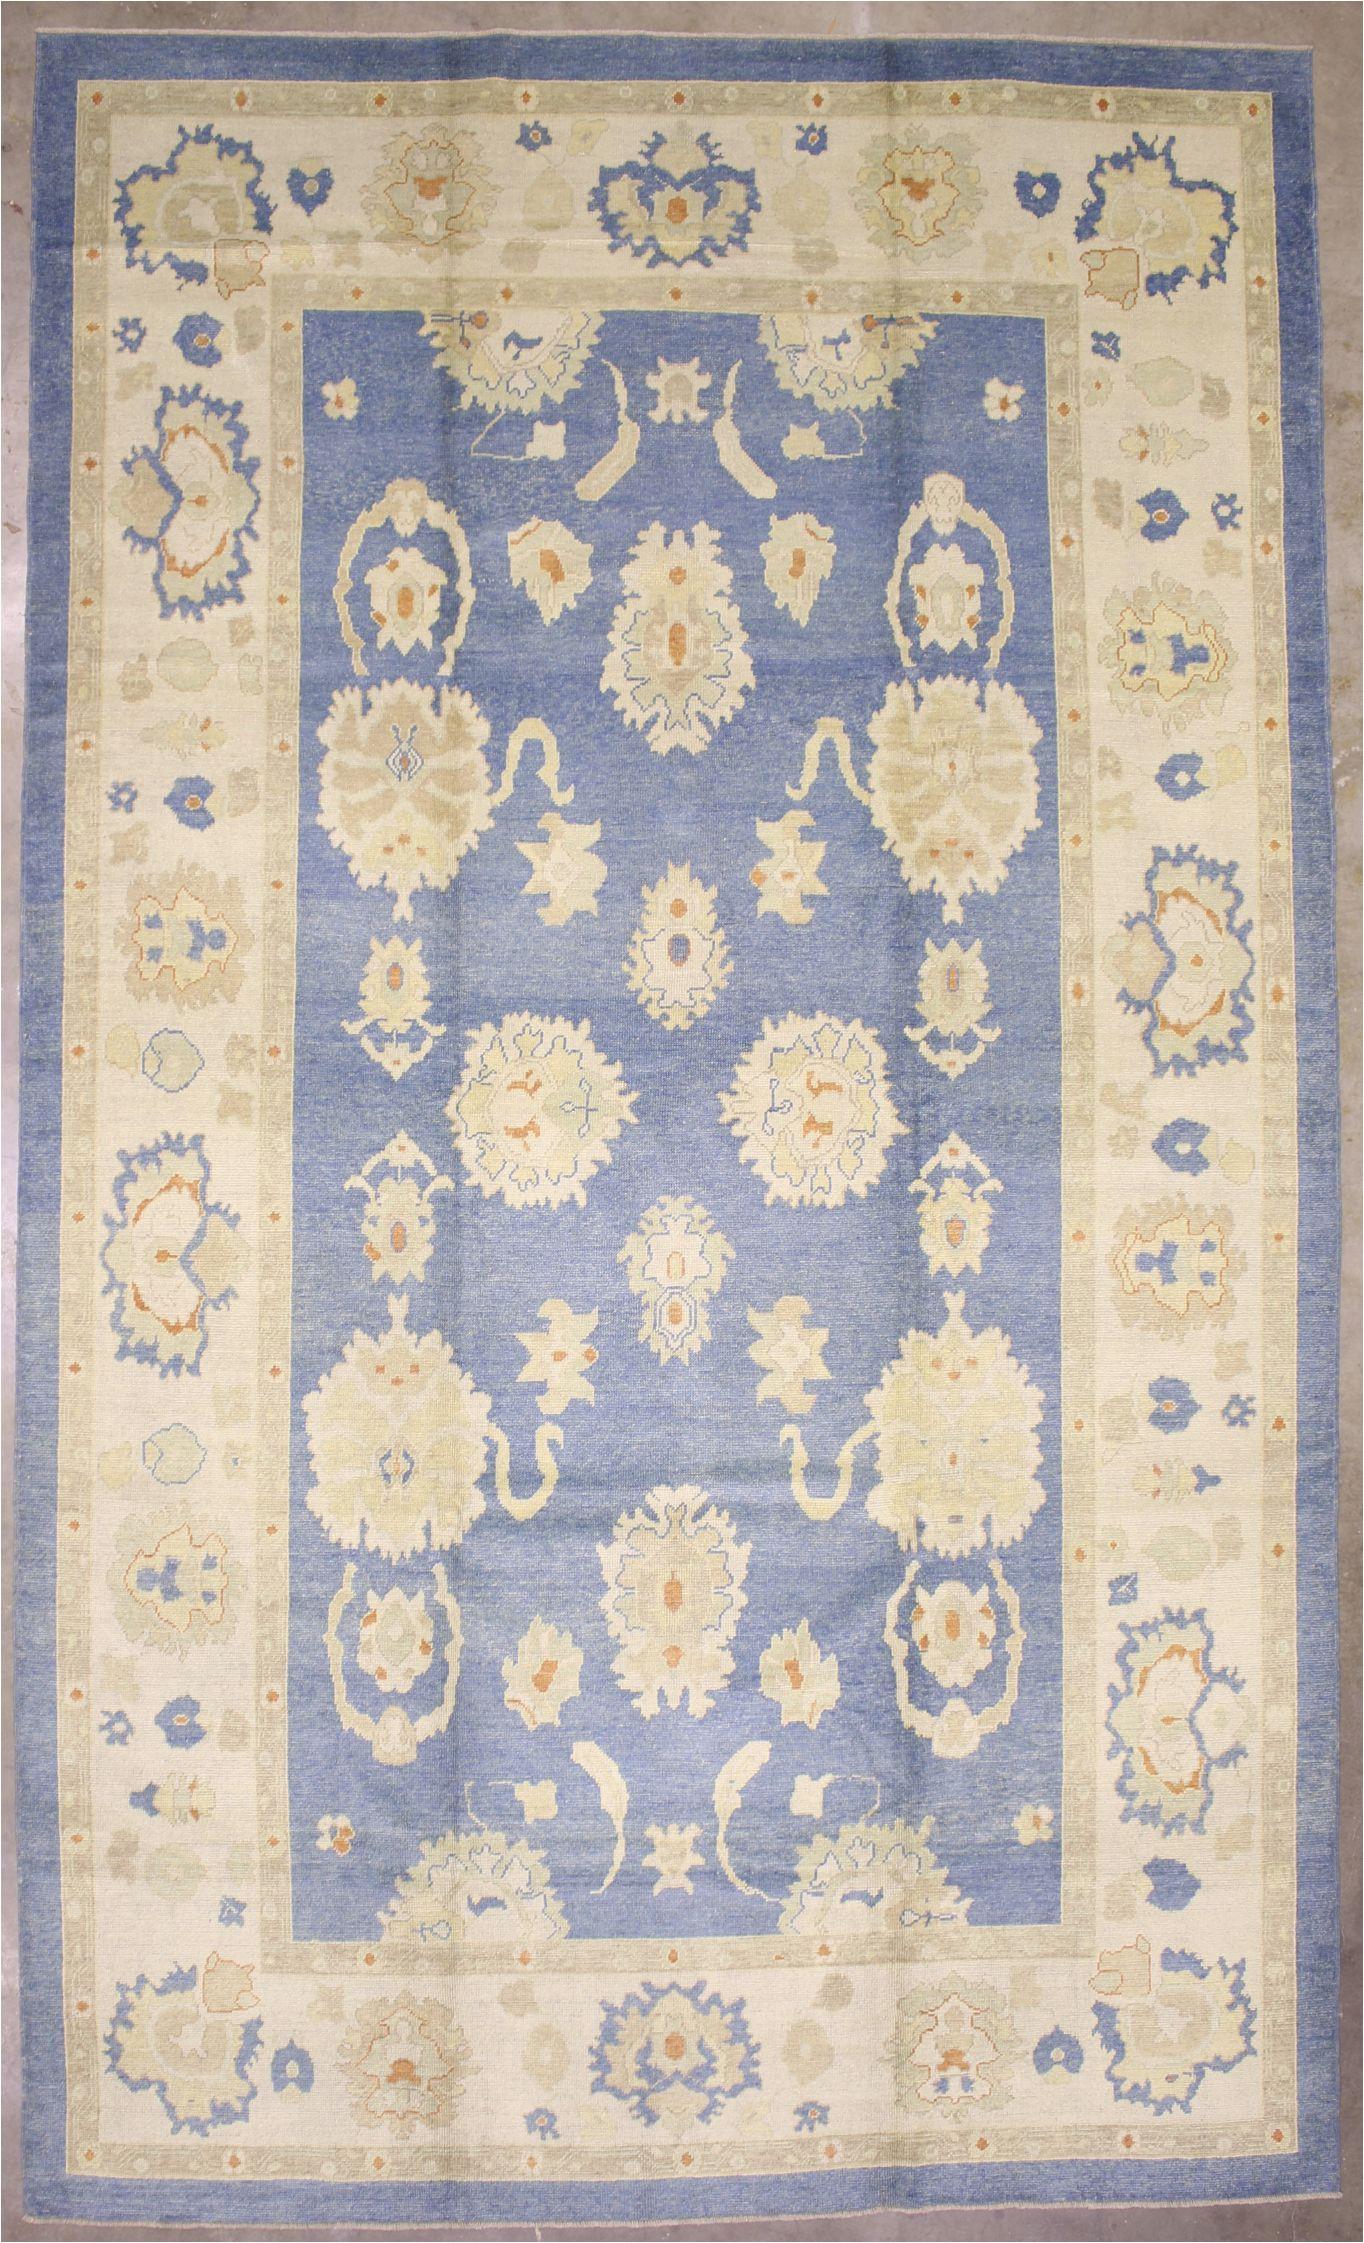 10 X 18 area Rug 10×18 Blue Modern Oushak area Rug